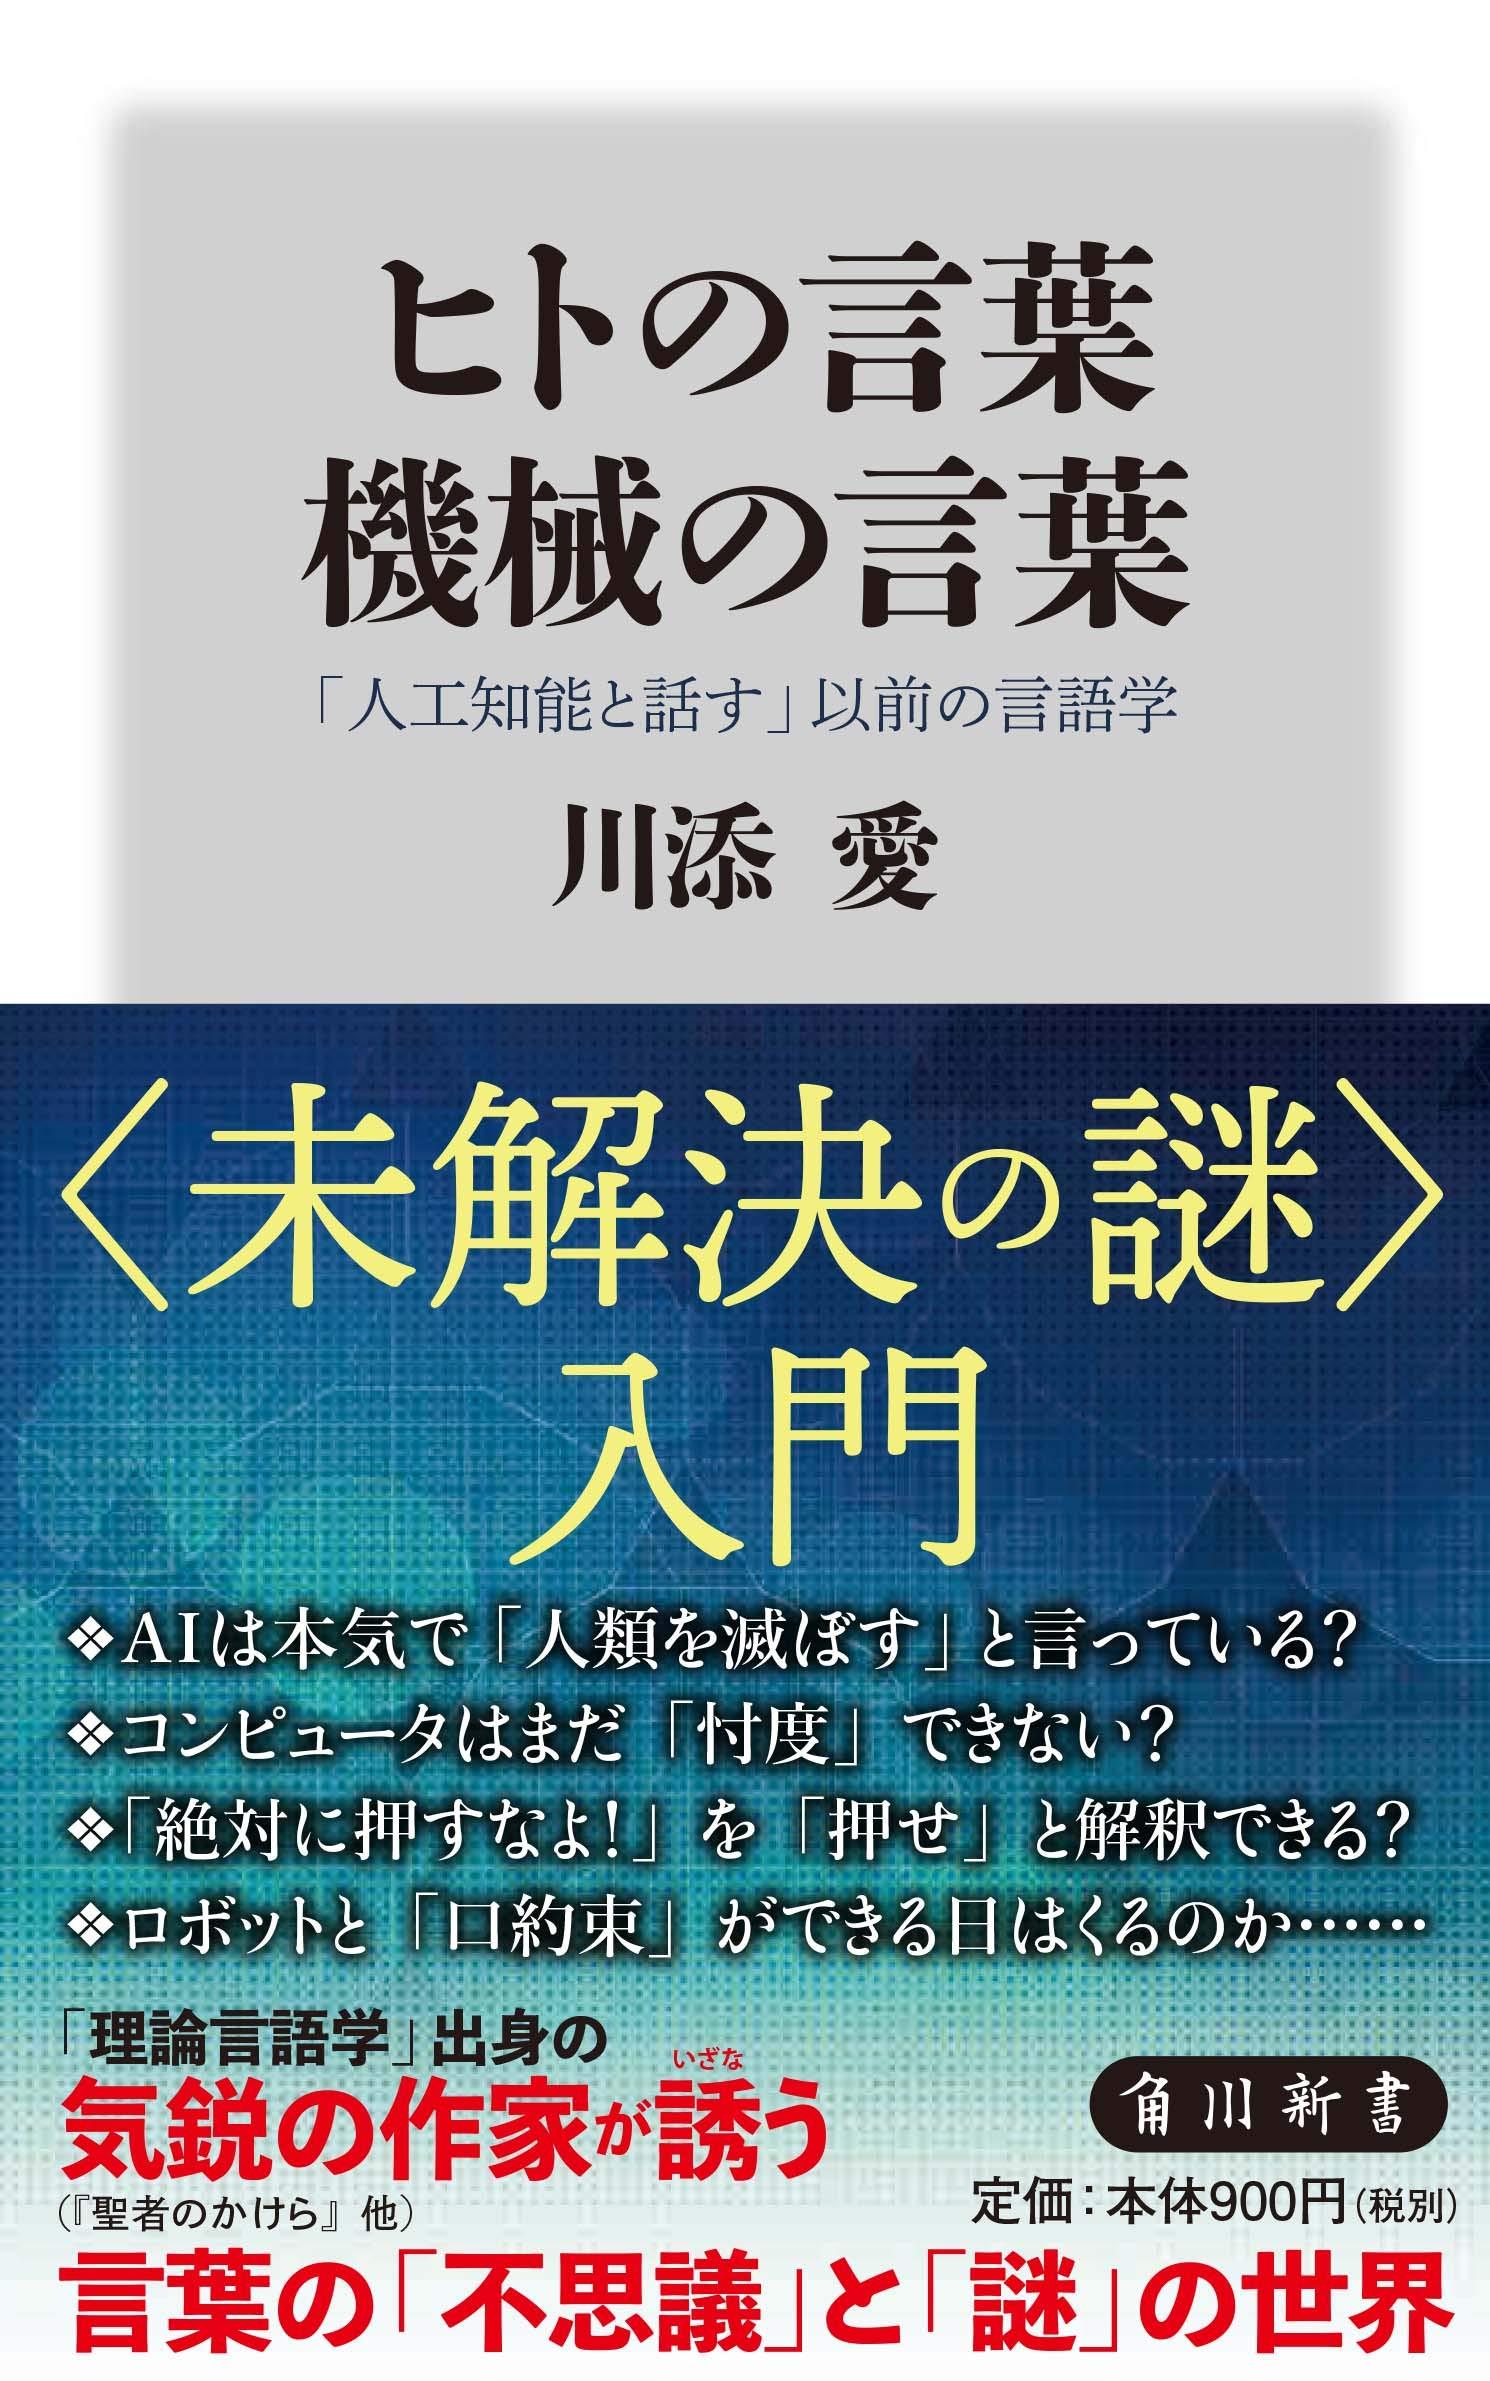 ヒトの言葉 機械の言葉 「人工知能と話す」以前の言語学 (角川新書) | 川添 愛 |本 | 通販 | Amazon